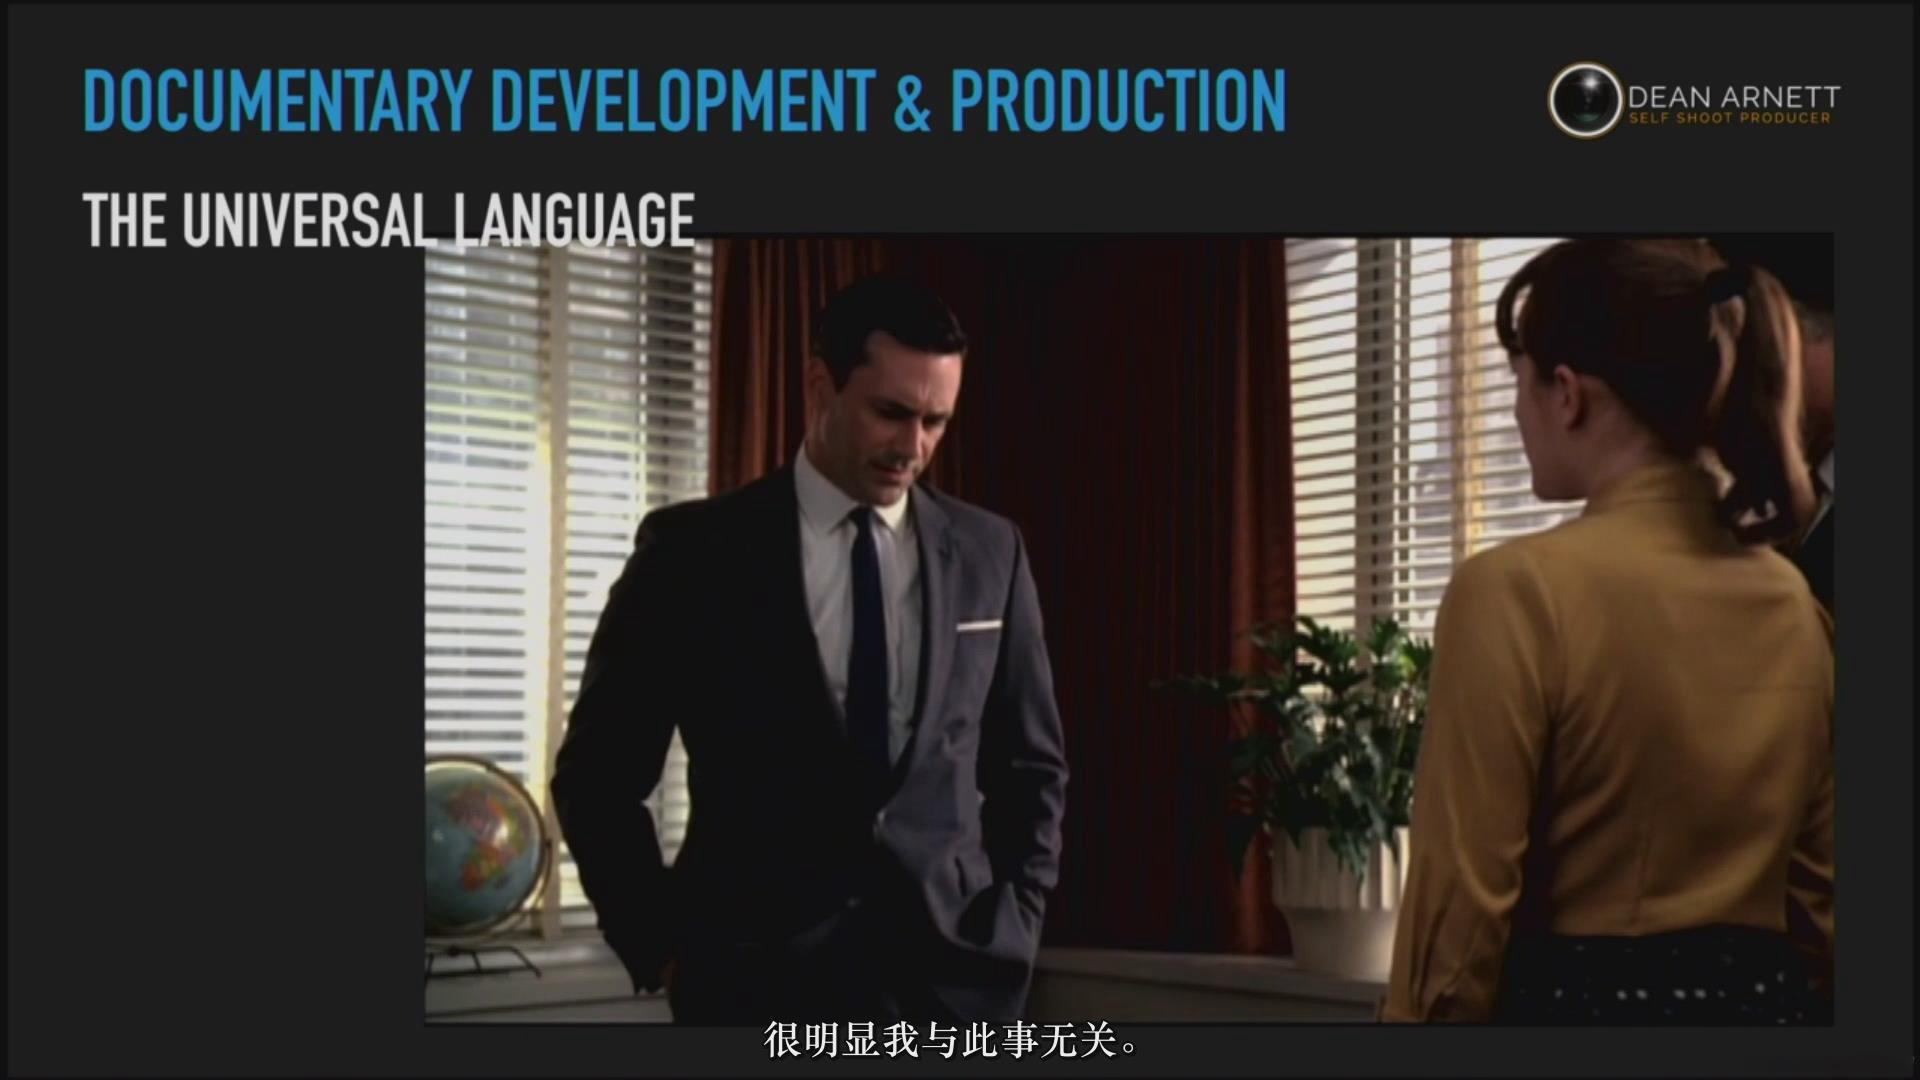 摄影教程_Dean Arnet-权威_广播标准_纪录片开发和制作大师班-中文字幕 摄影教程 _预览图3